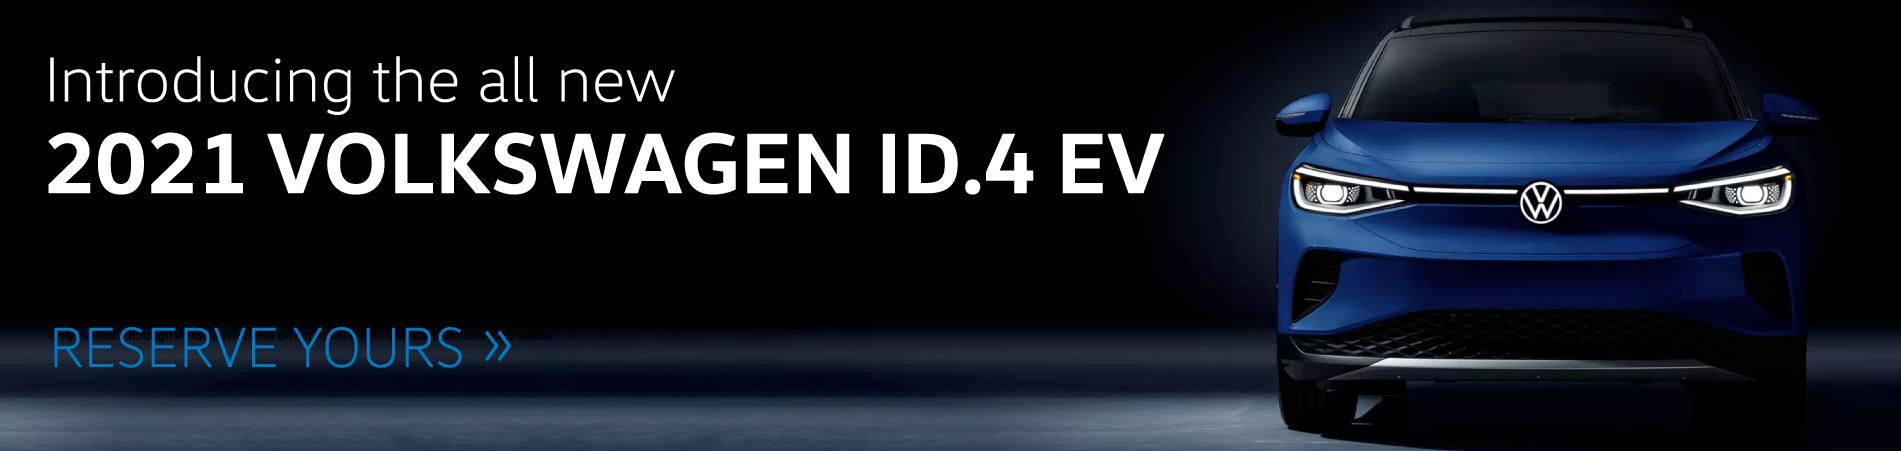 VW_9208_ID4Creative_011121_CJK_Web_Hero_D